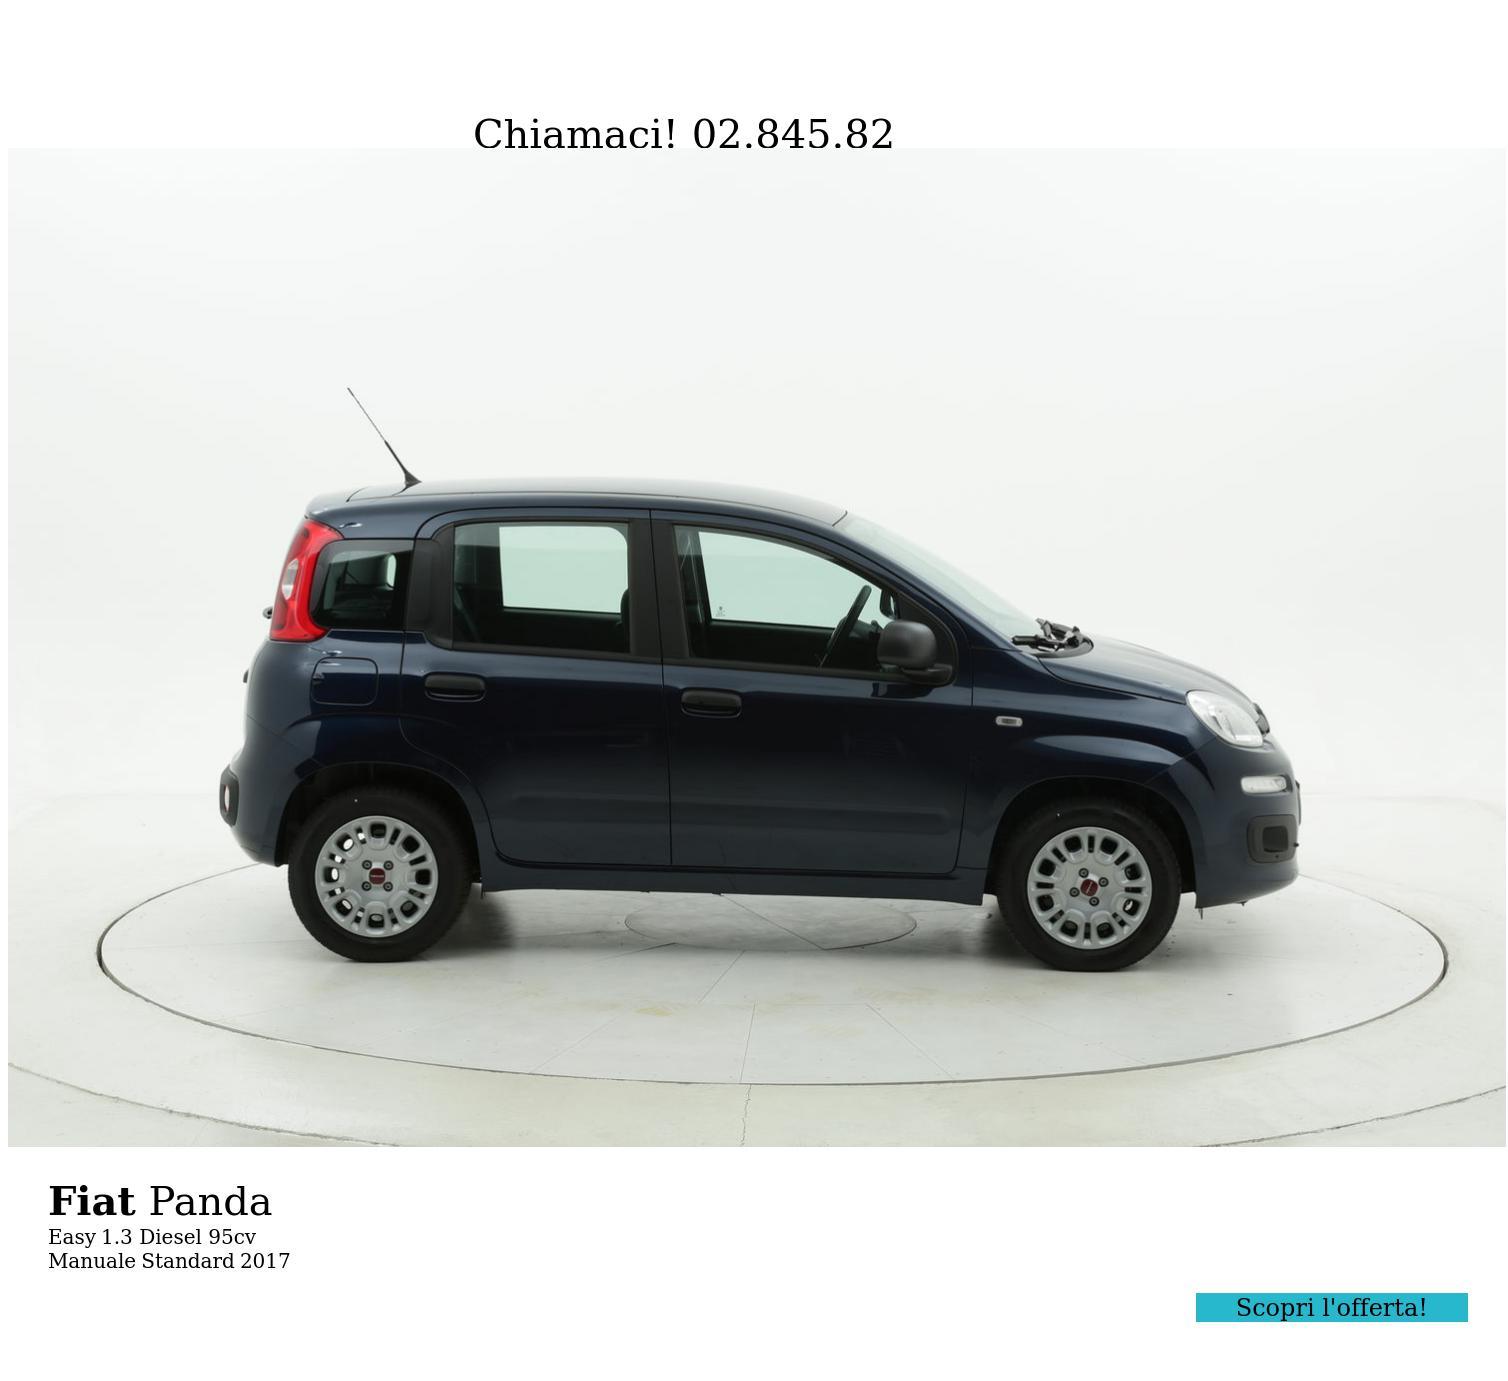 Fiat Panda Easy km 0 diesel blu | brumbrum